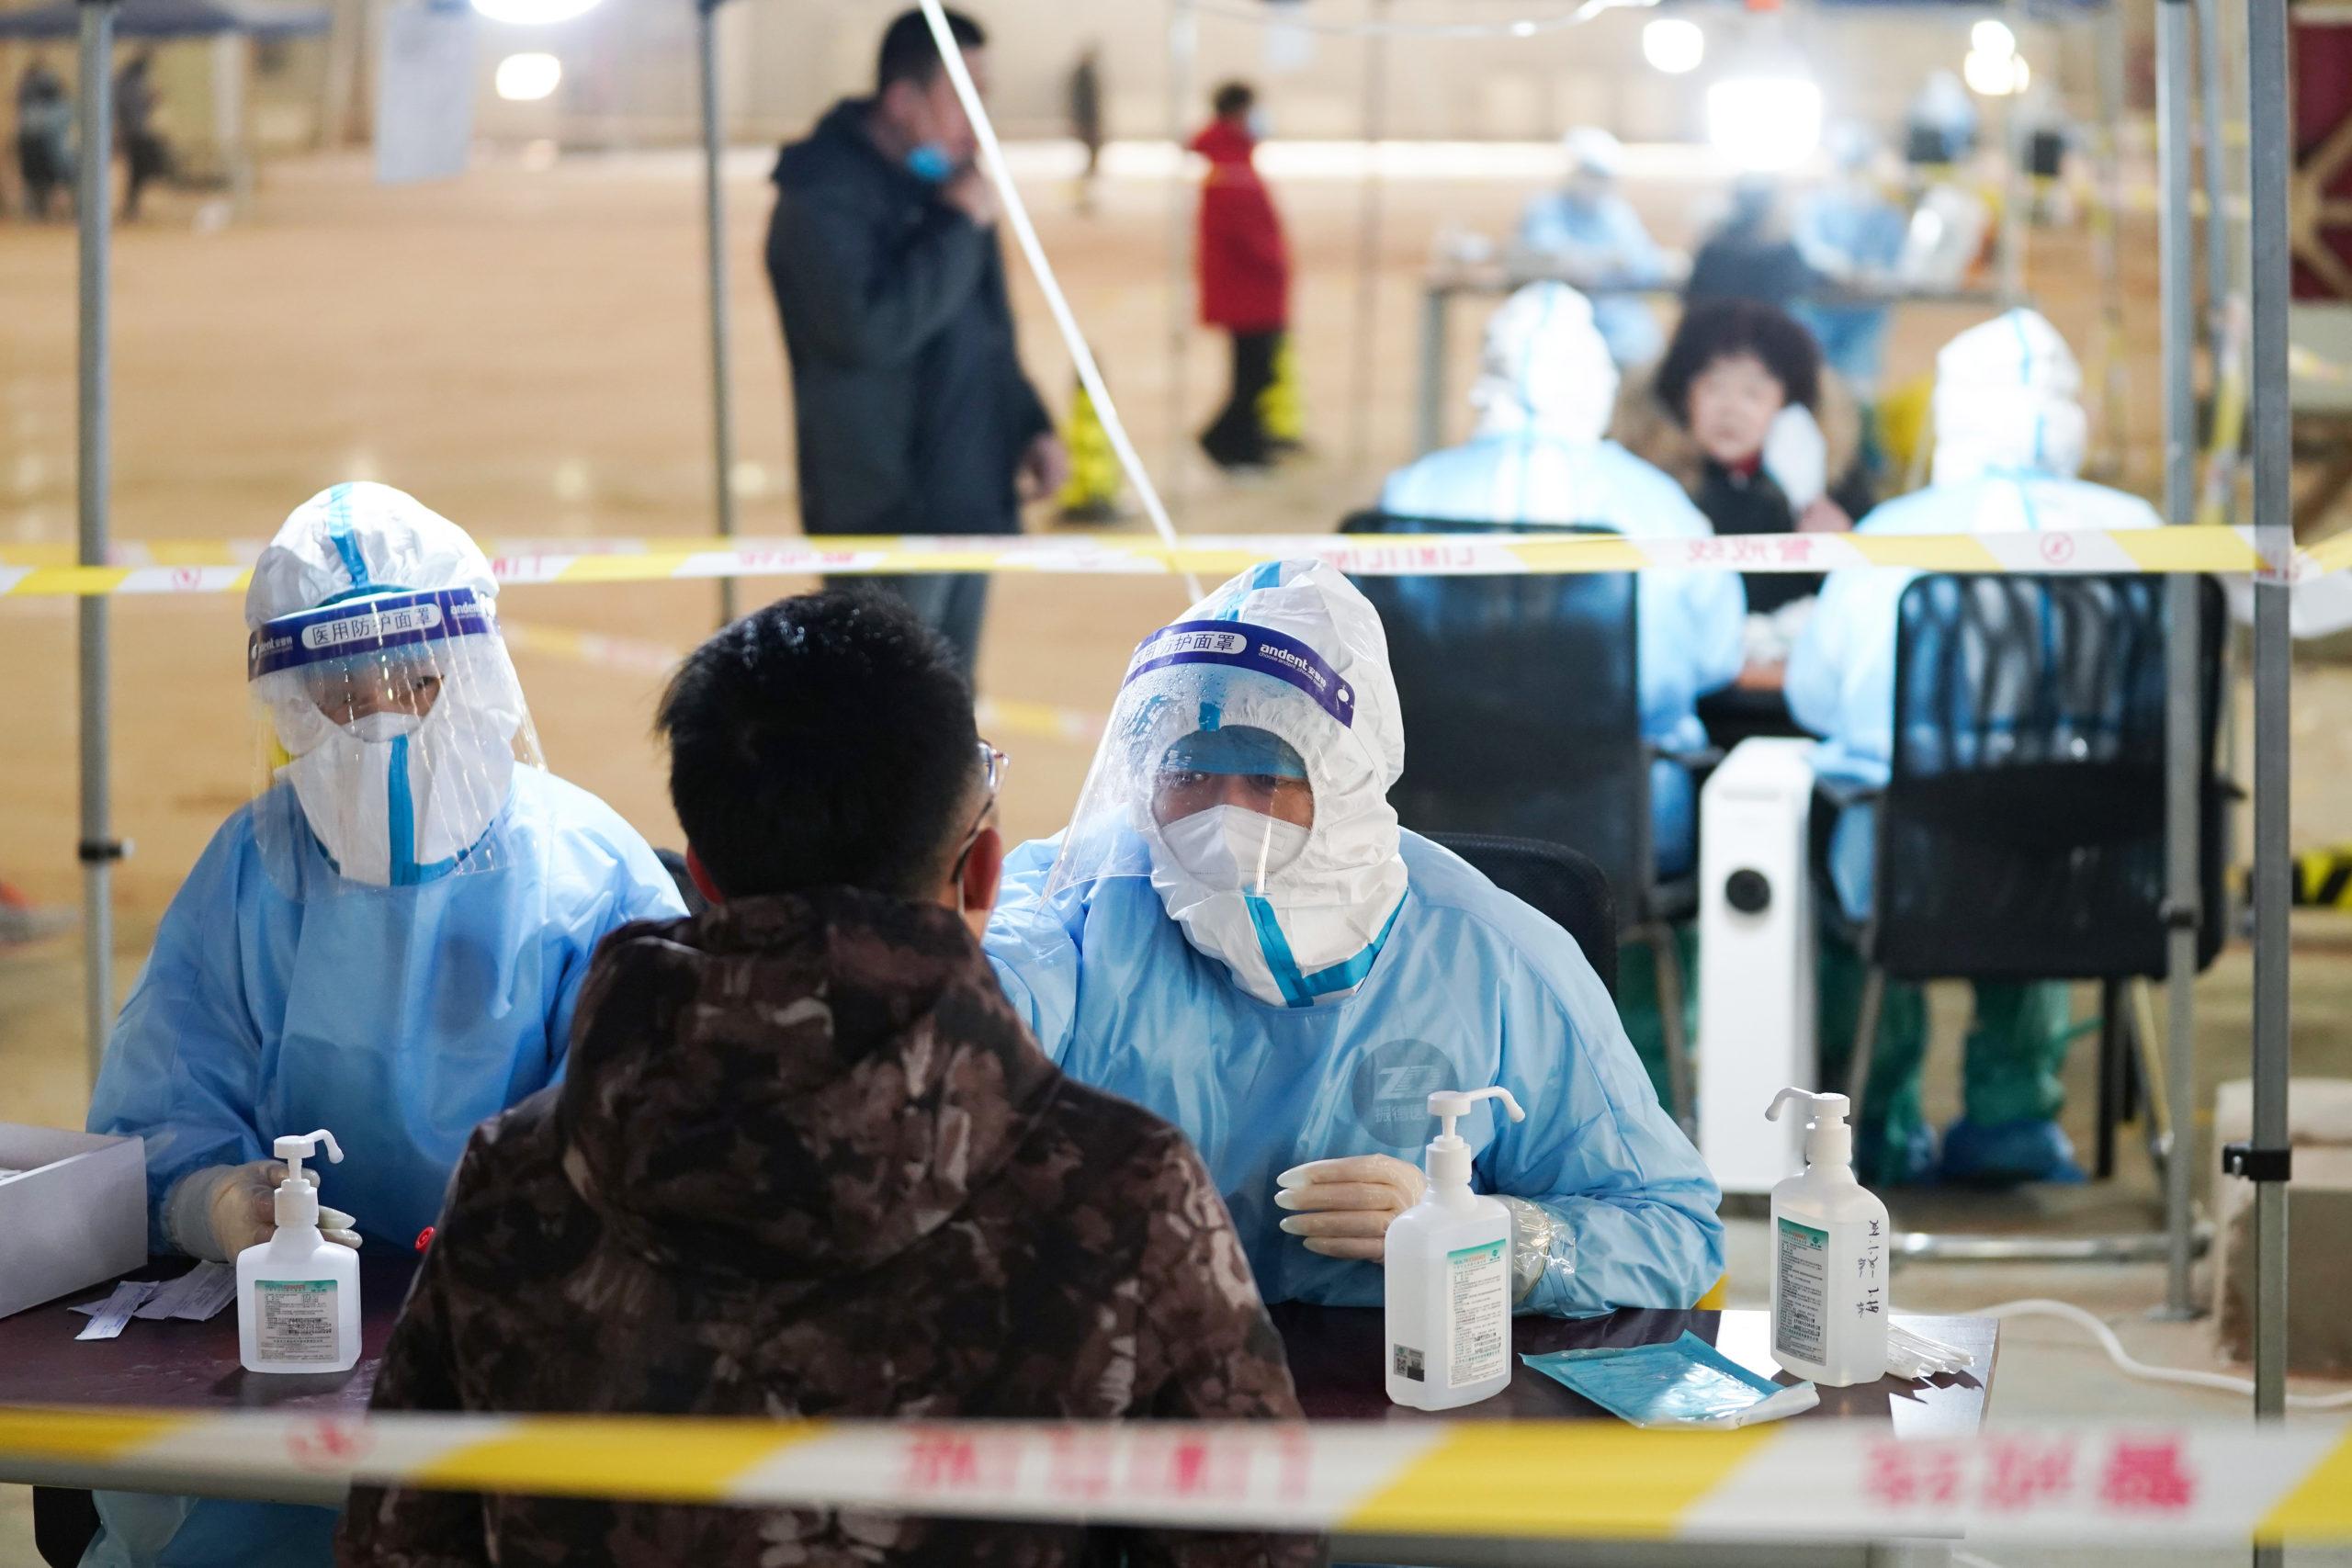 COVID-19: La souche mutante identifiée dans les nouveaux cas confirmés à Pékin